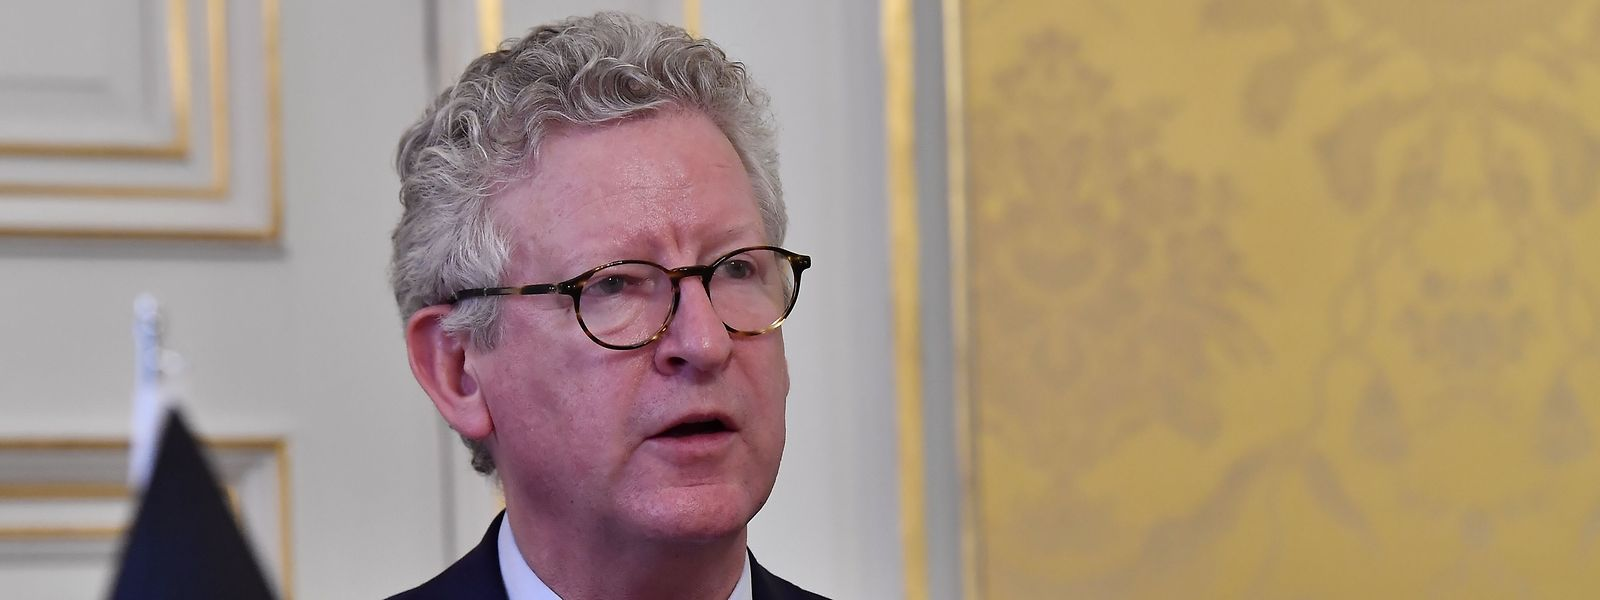 Pieter De Crem veut limiter les déplacements non essentiels dans le pays mais aussi au-delà.